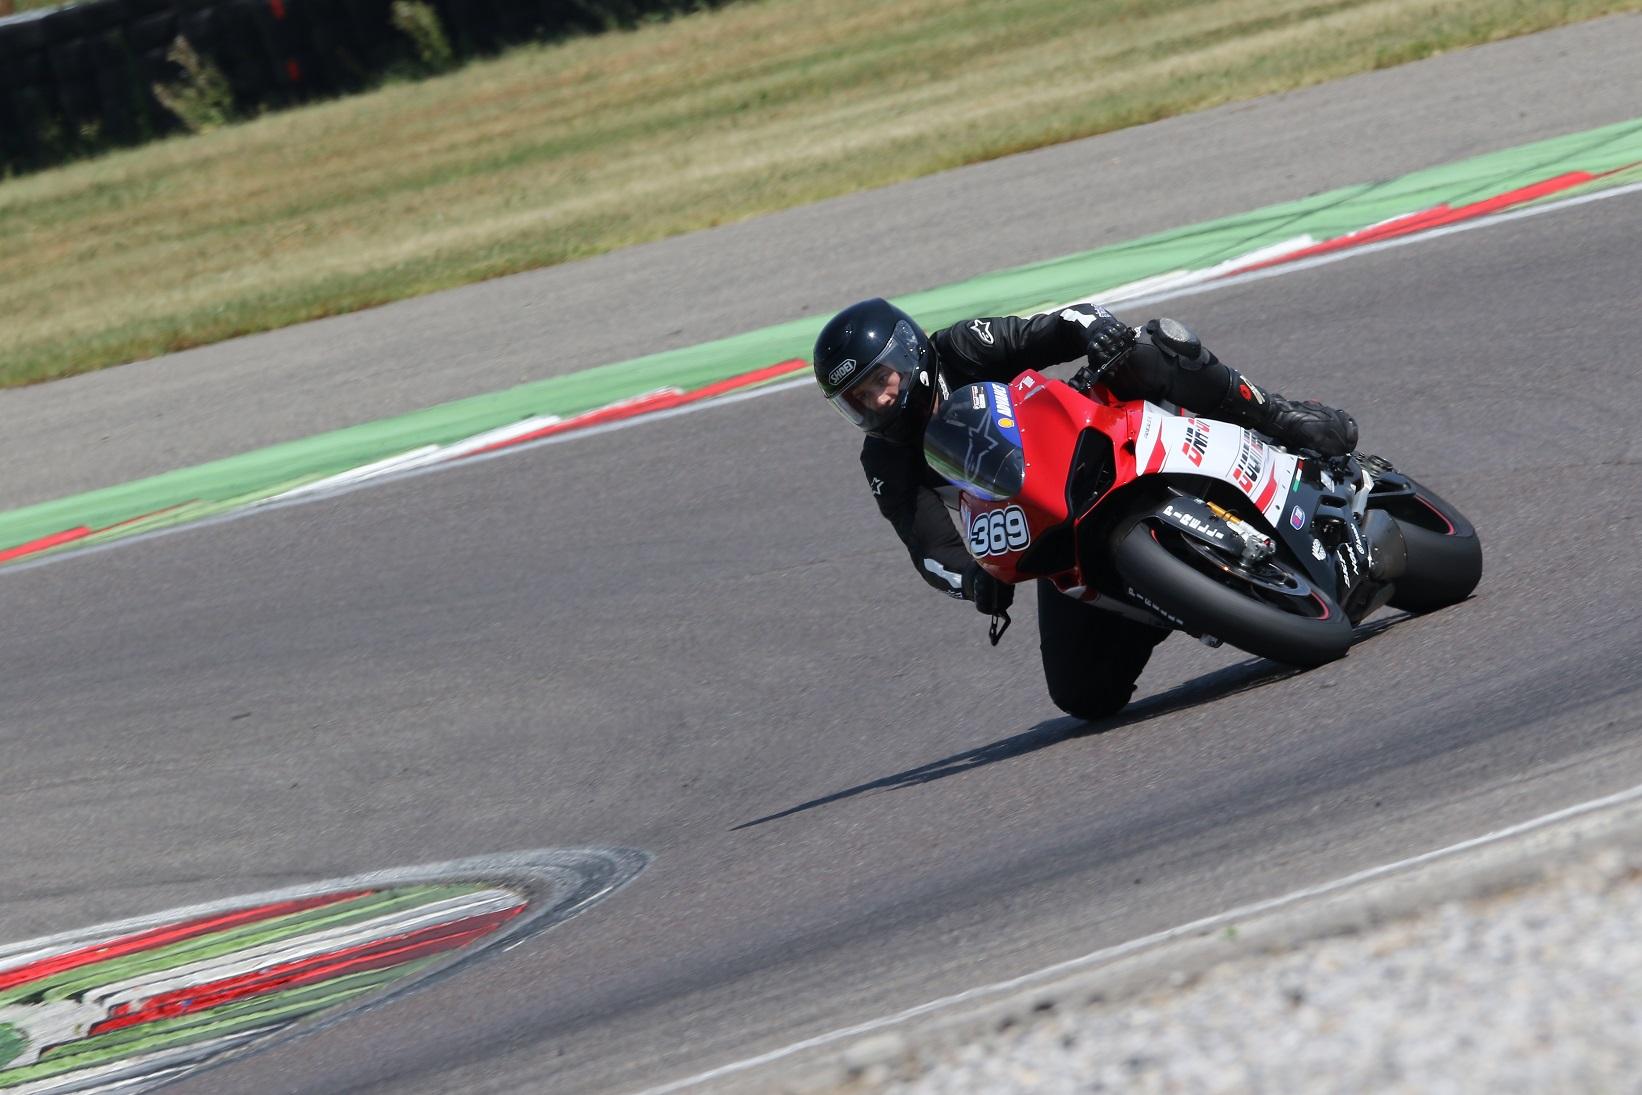 Ducati Panigale V2 Test in Franciacorta